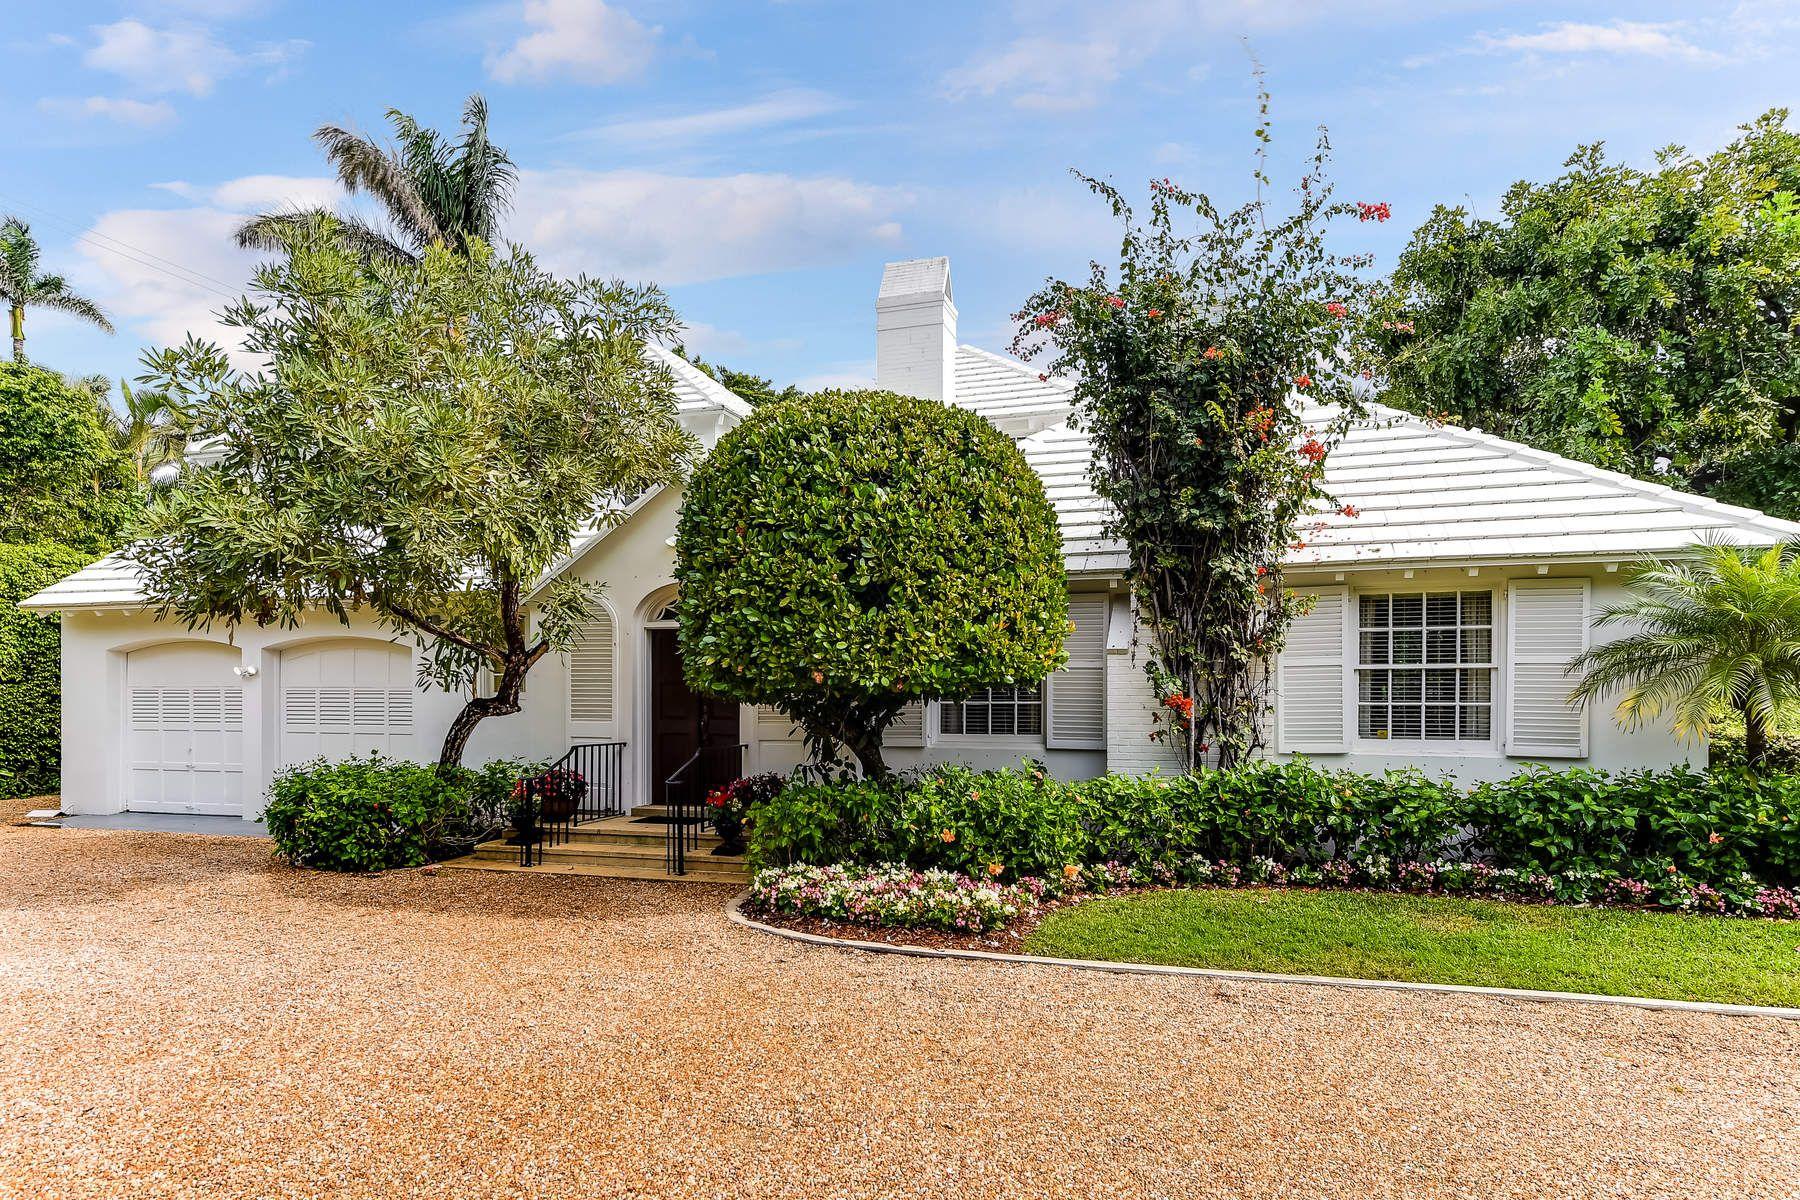 단독 가정 주택 용 매매 에 Classic Palm Beach Property 239 Emerald Ln, North End, Palm Beach, 플로리다, 33480 미국